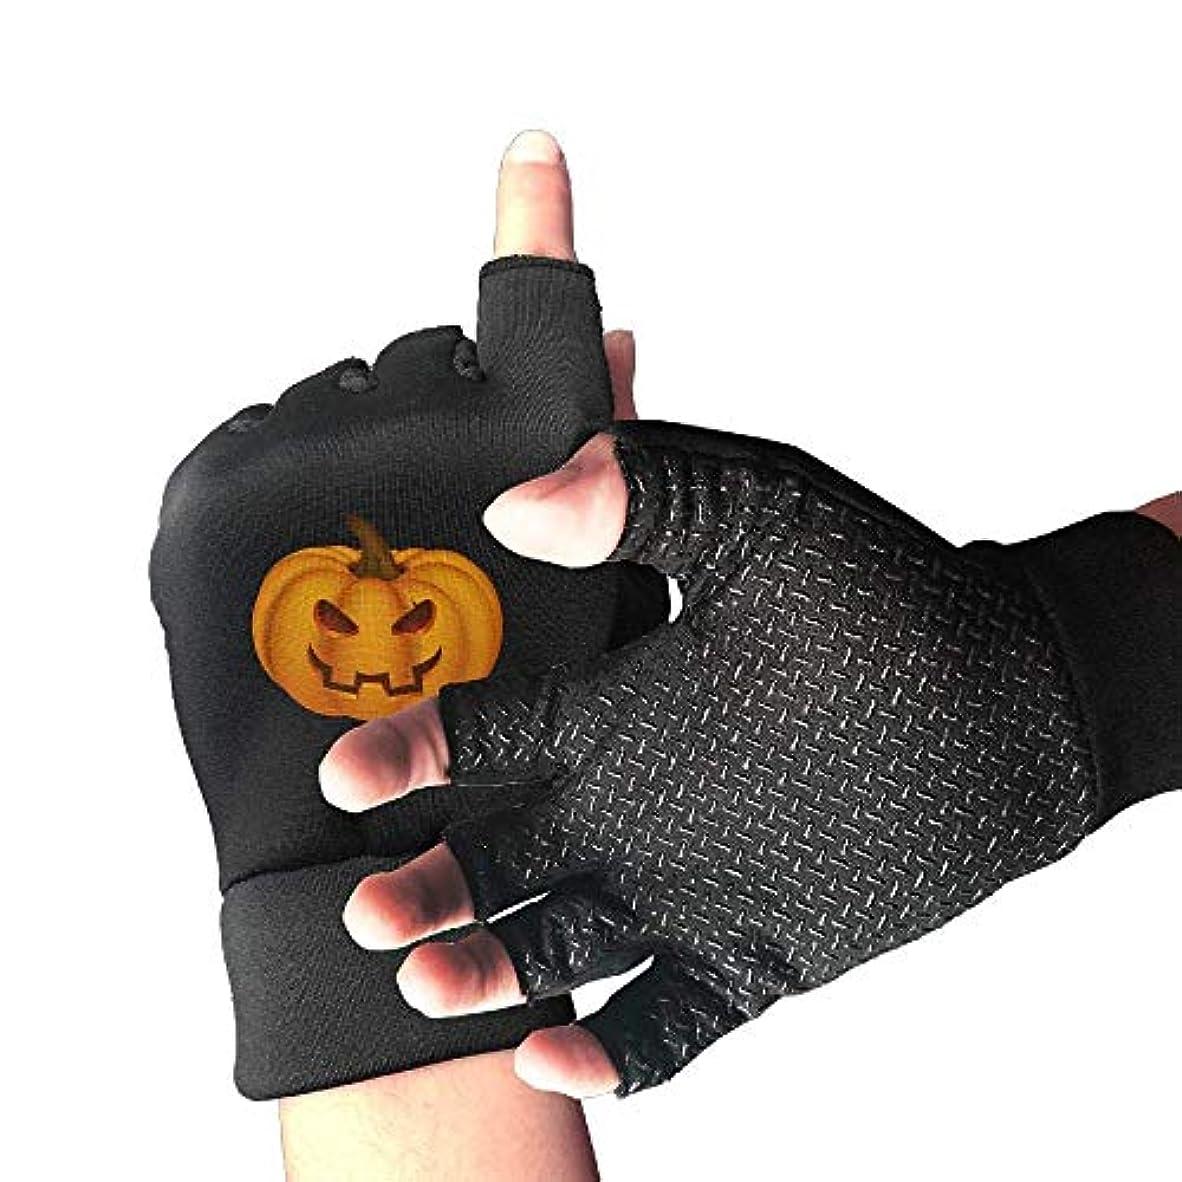 許さないスラム反響するCycling Gloves Pumpkin Men's/Women's Mountain Bike Gloves Half Finger Anti-Slip Motorcycle Gloves